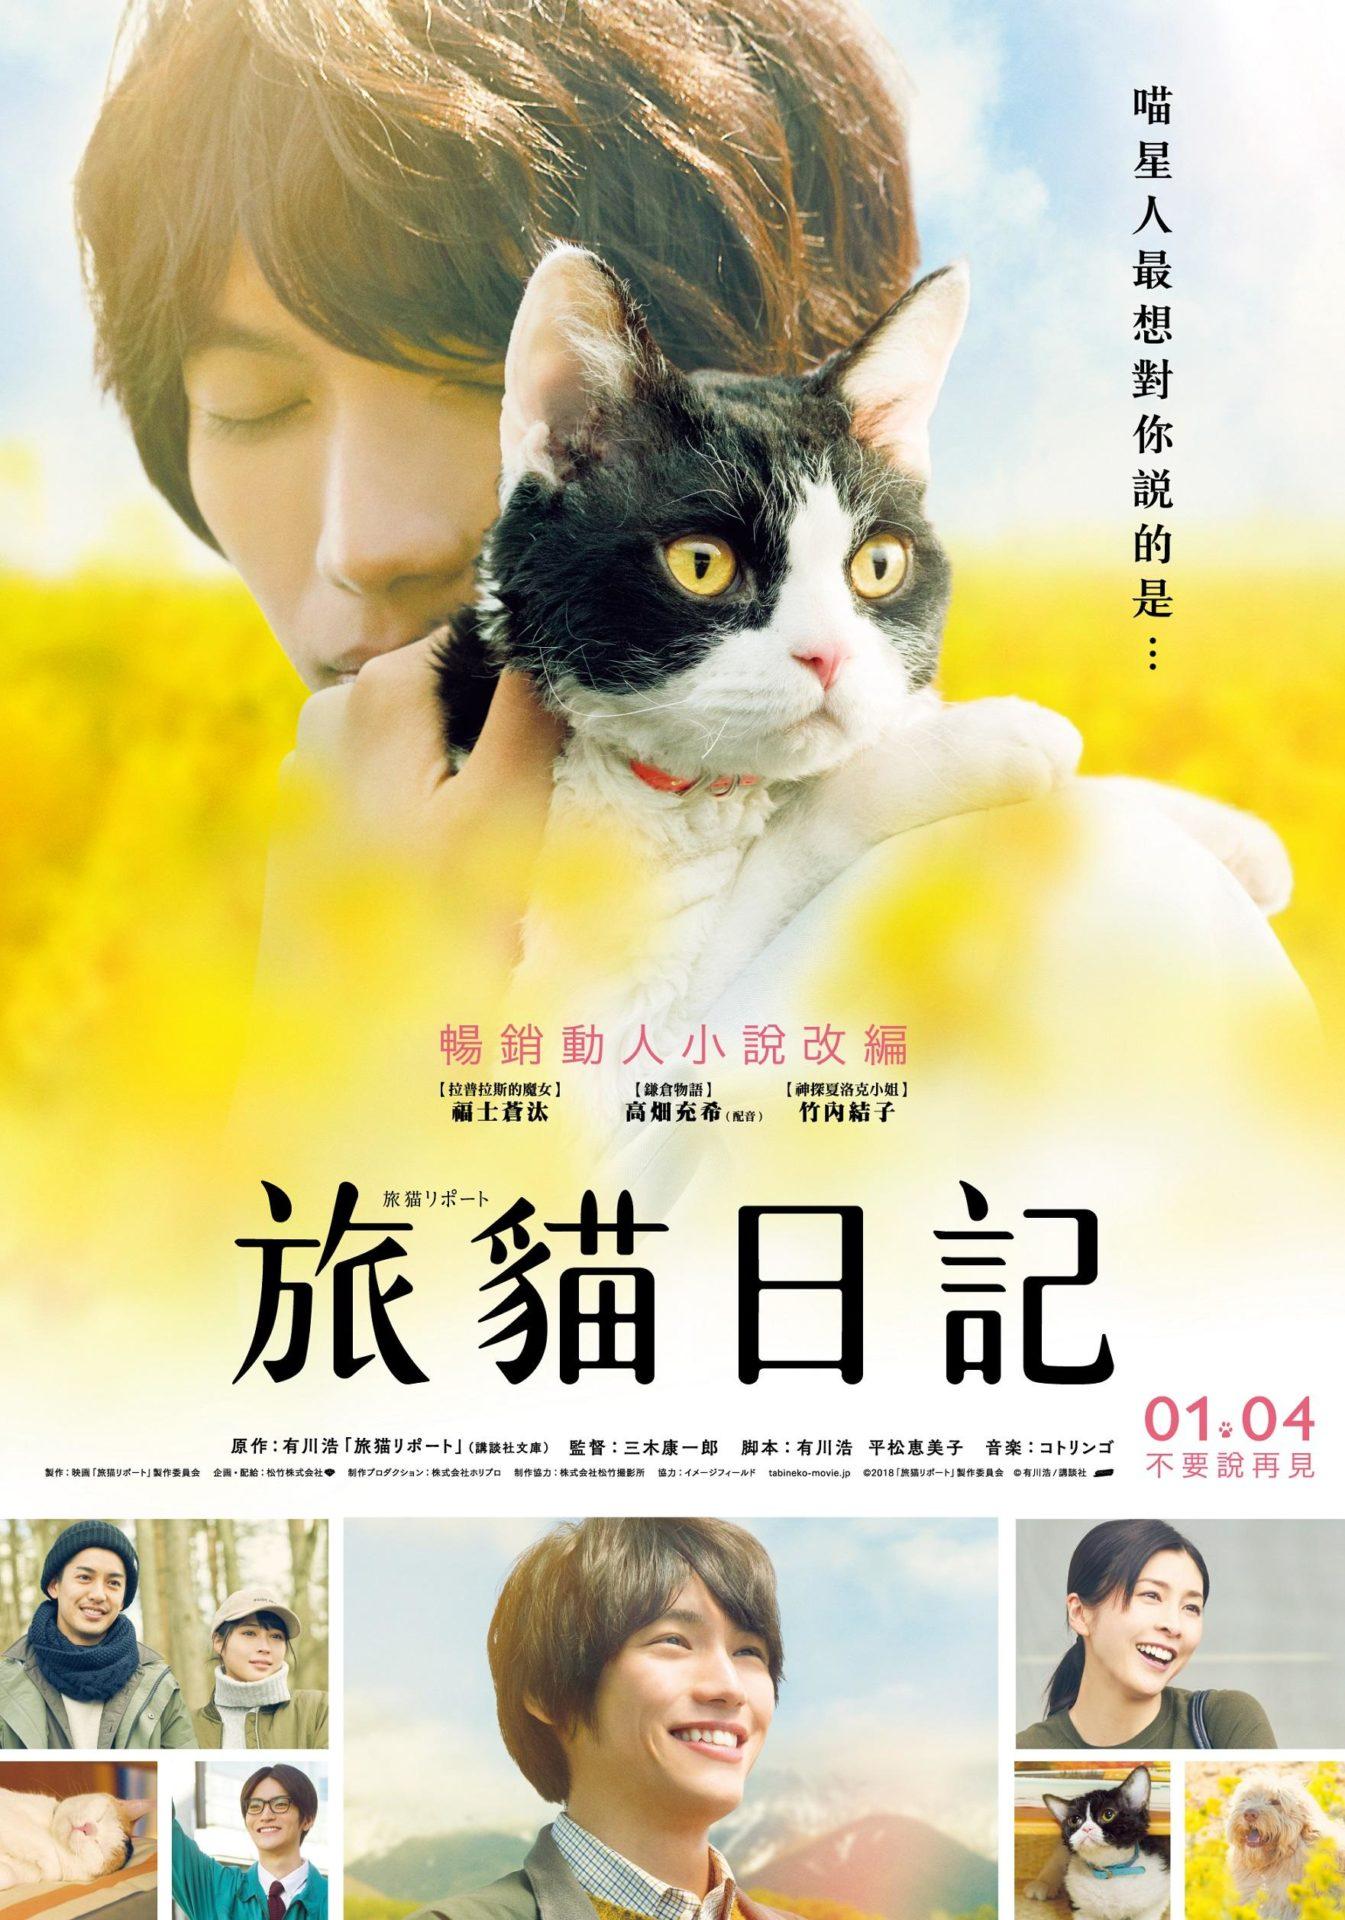 旅貓日記 : 98yp 電影影評線上看